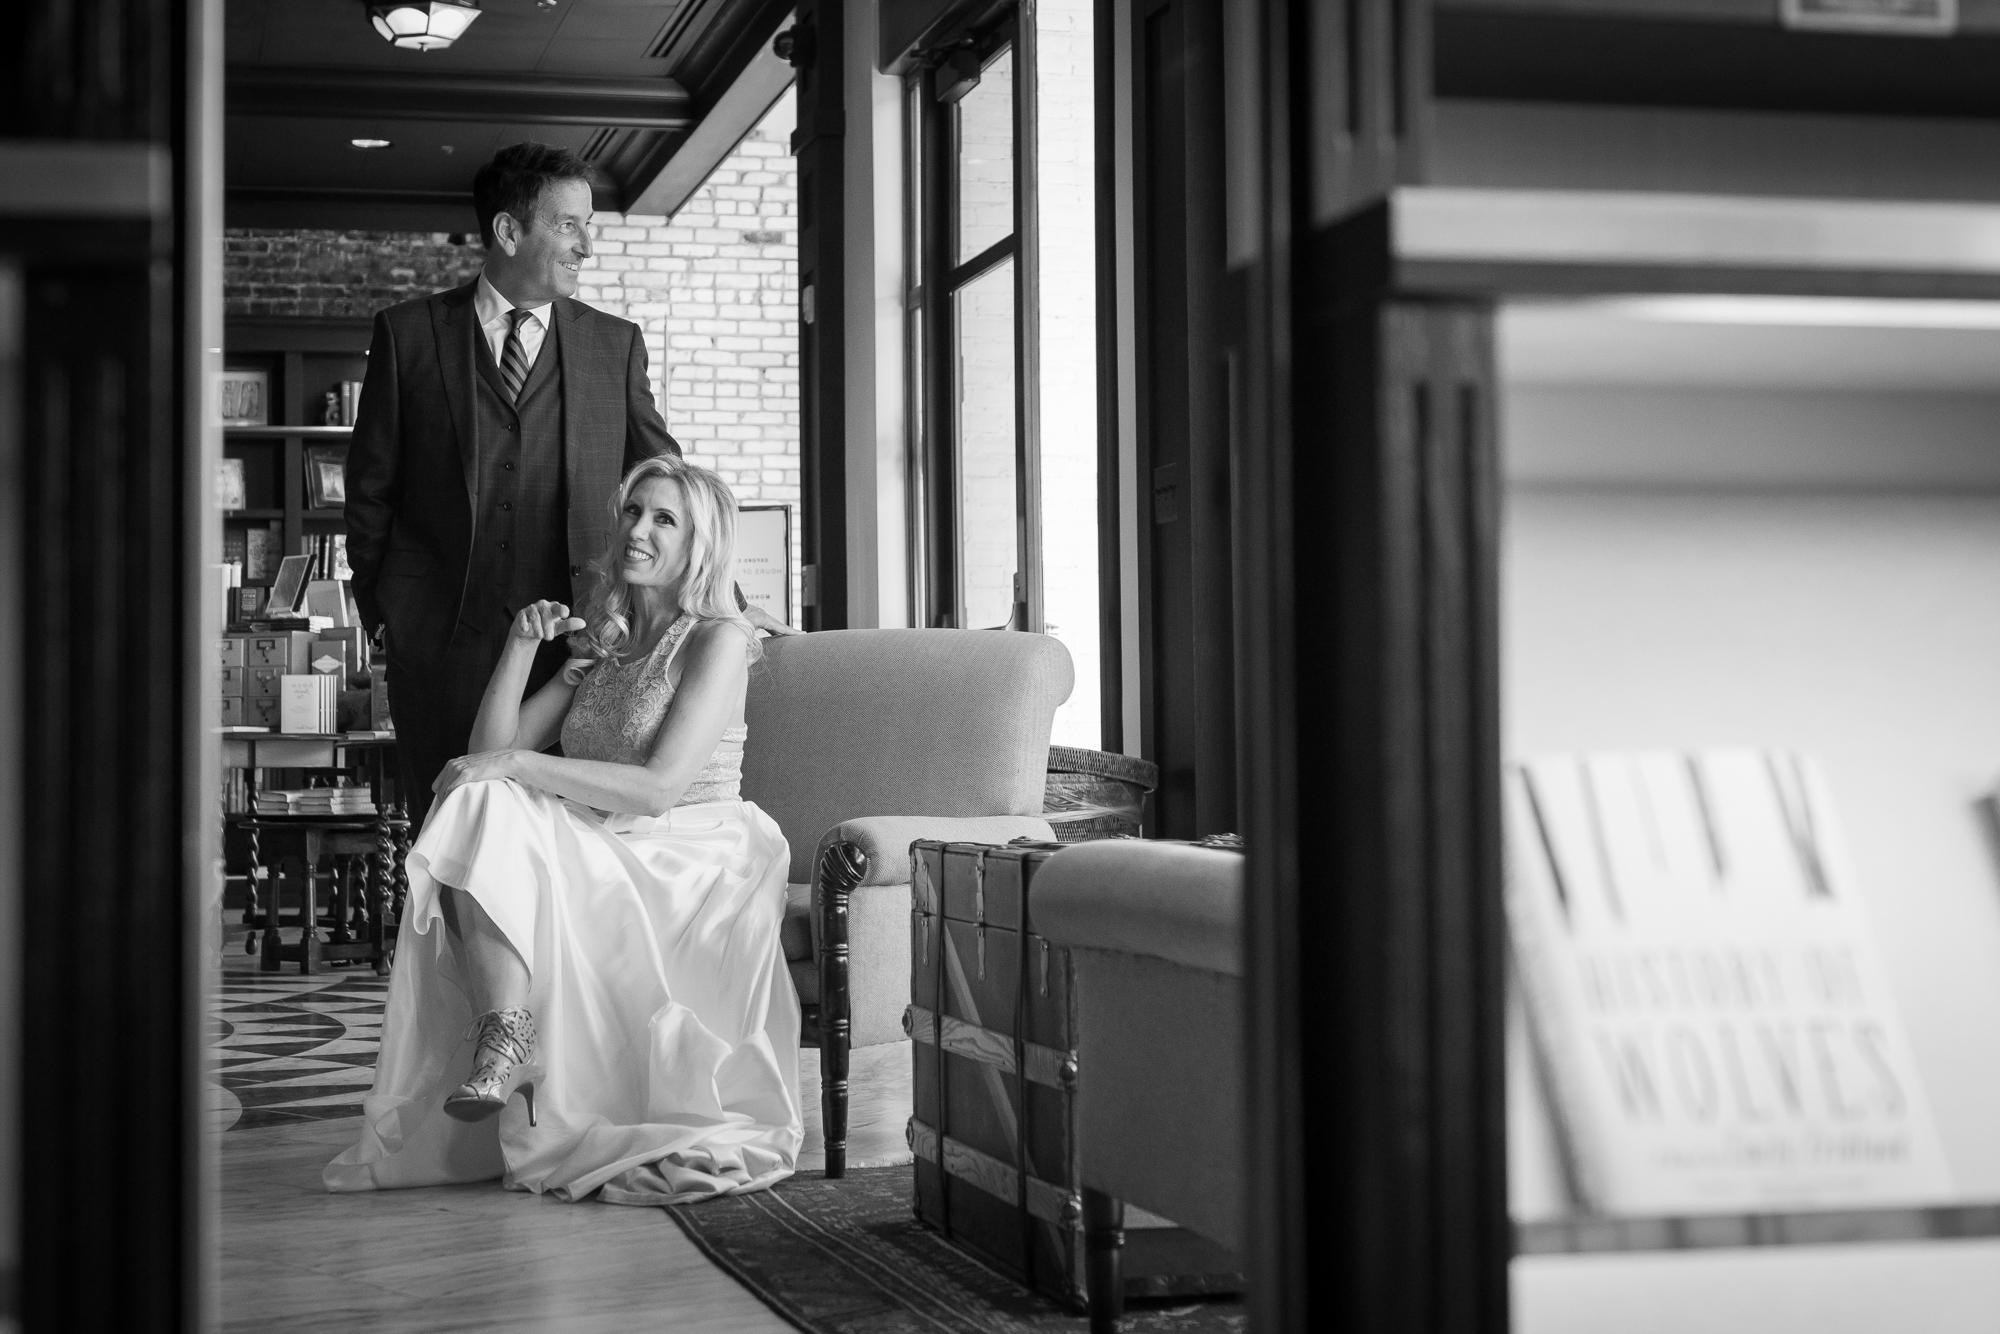 Oxford-Exchange-wedding-photo, Tampa-wedding-photographer